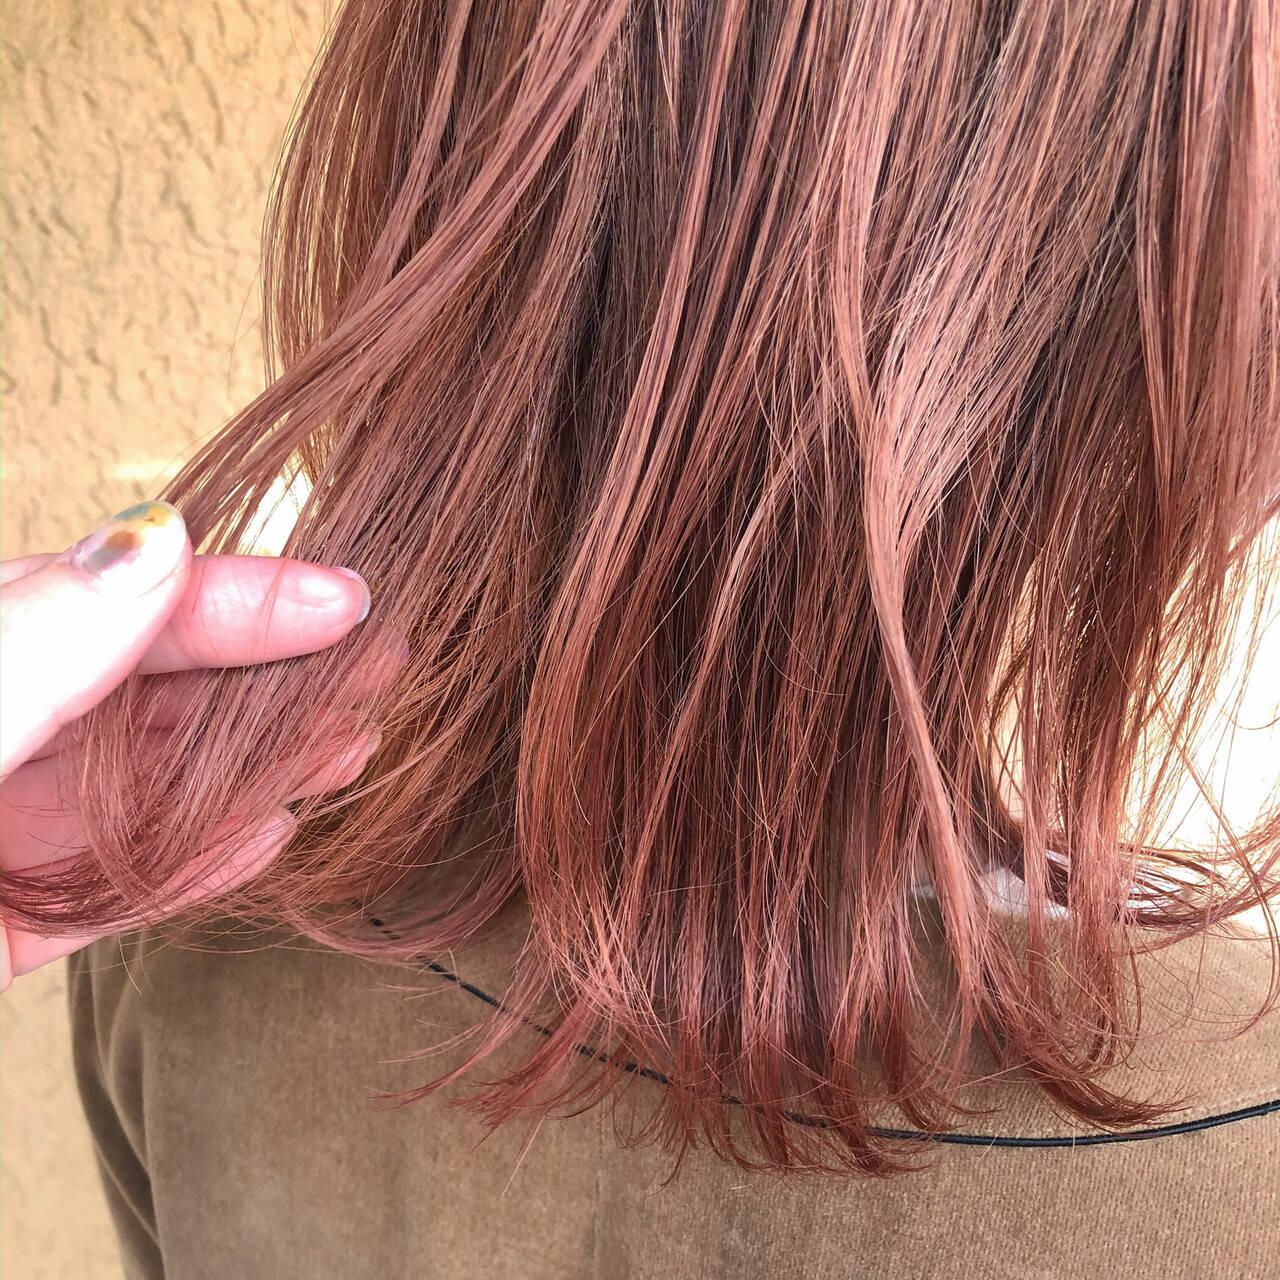 切りっぱなしボブ ピンクアッシュ ミディアム ロブヘアスタイルや髪型の写真・画像